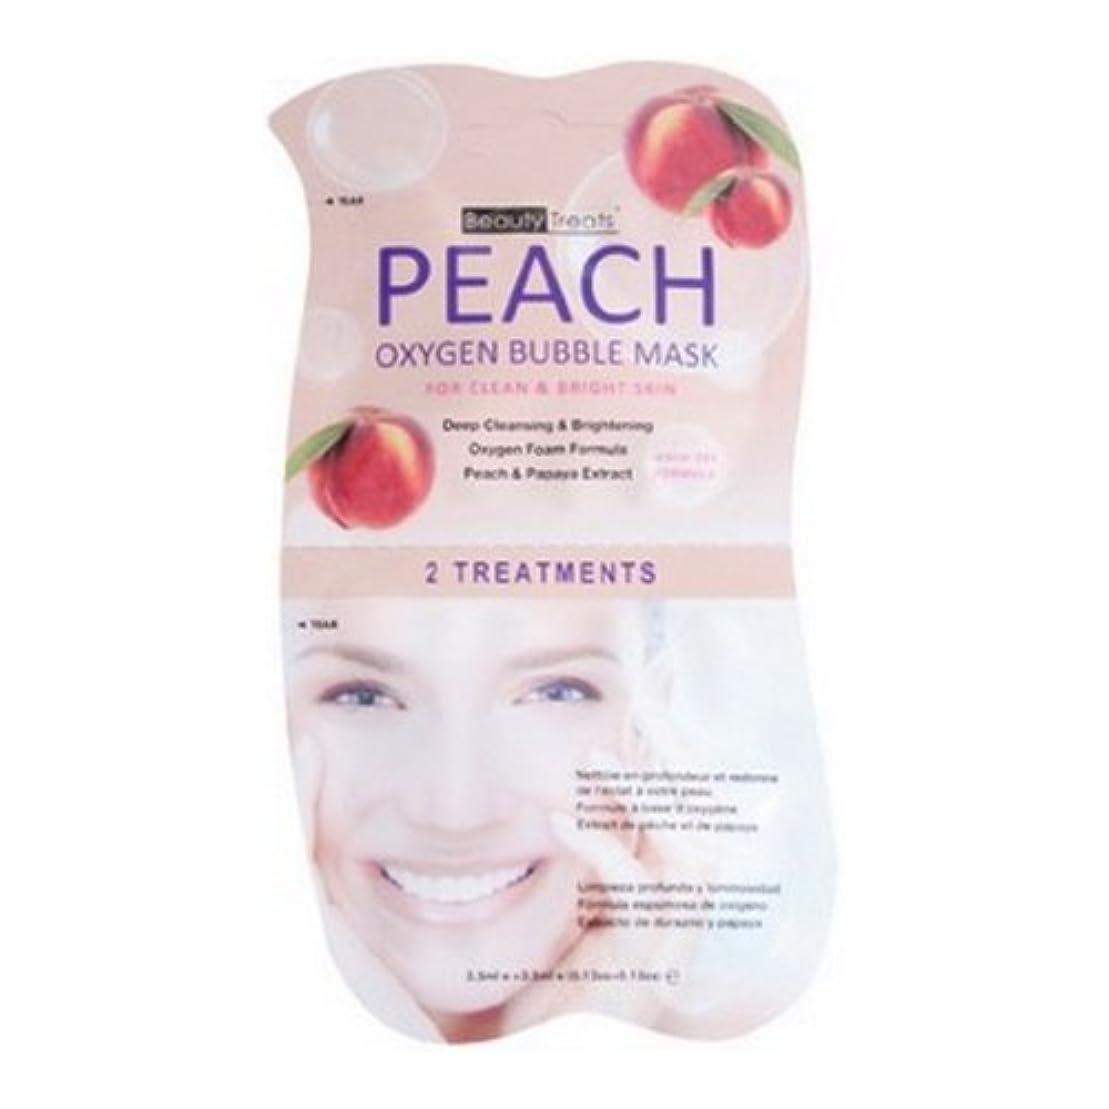 (3 Pack) BEAUTY TREATS Peach Oxygen Bubble Mask - Peach (並行輸入品)